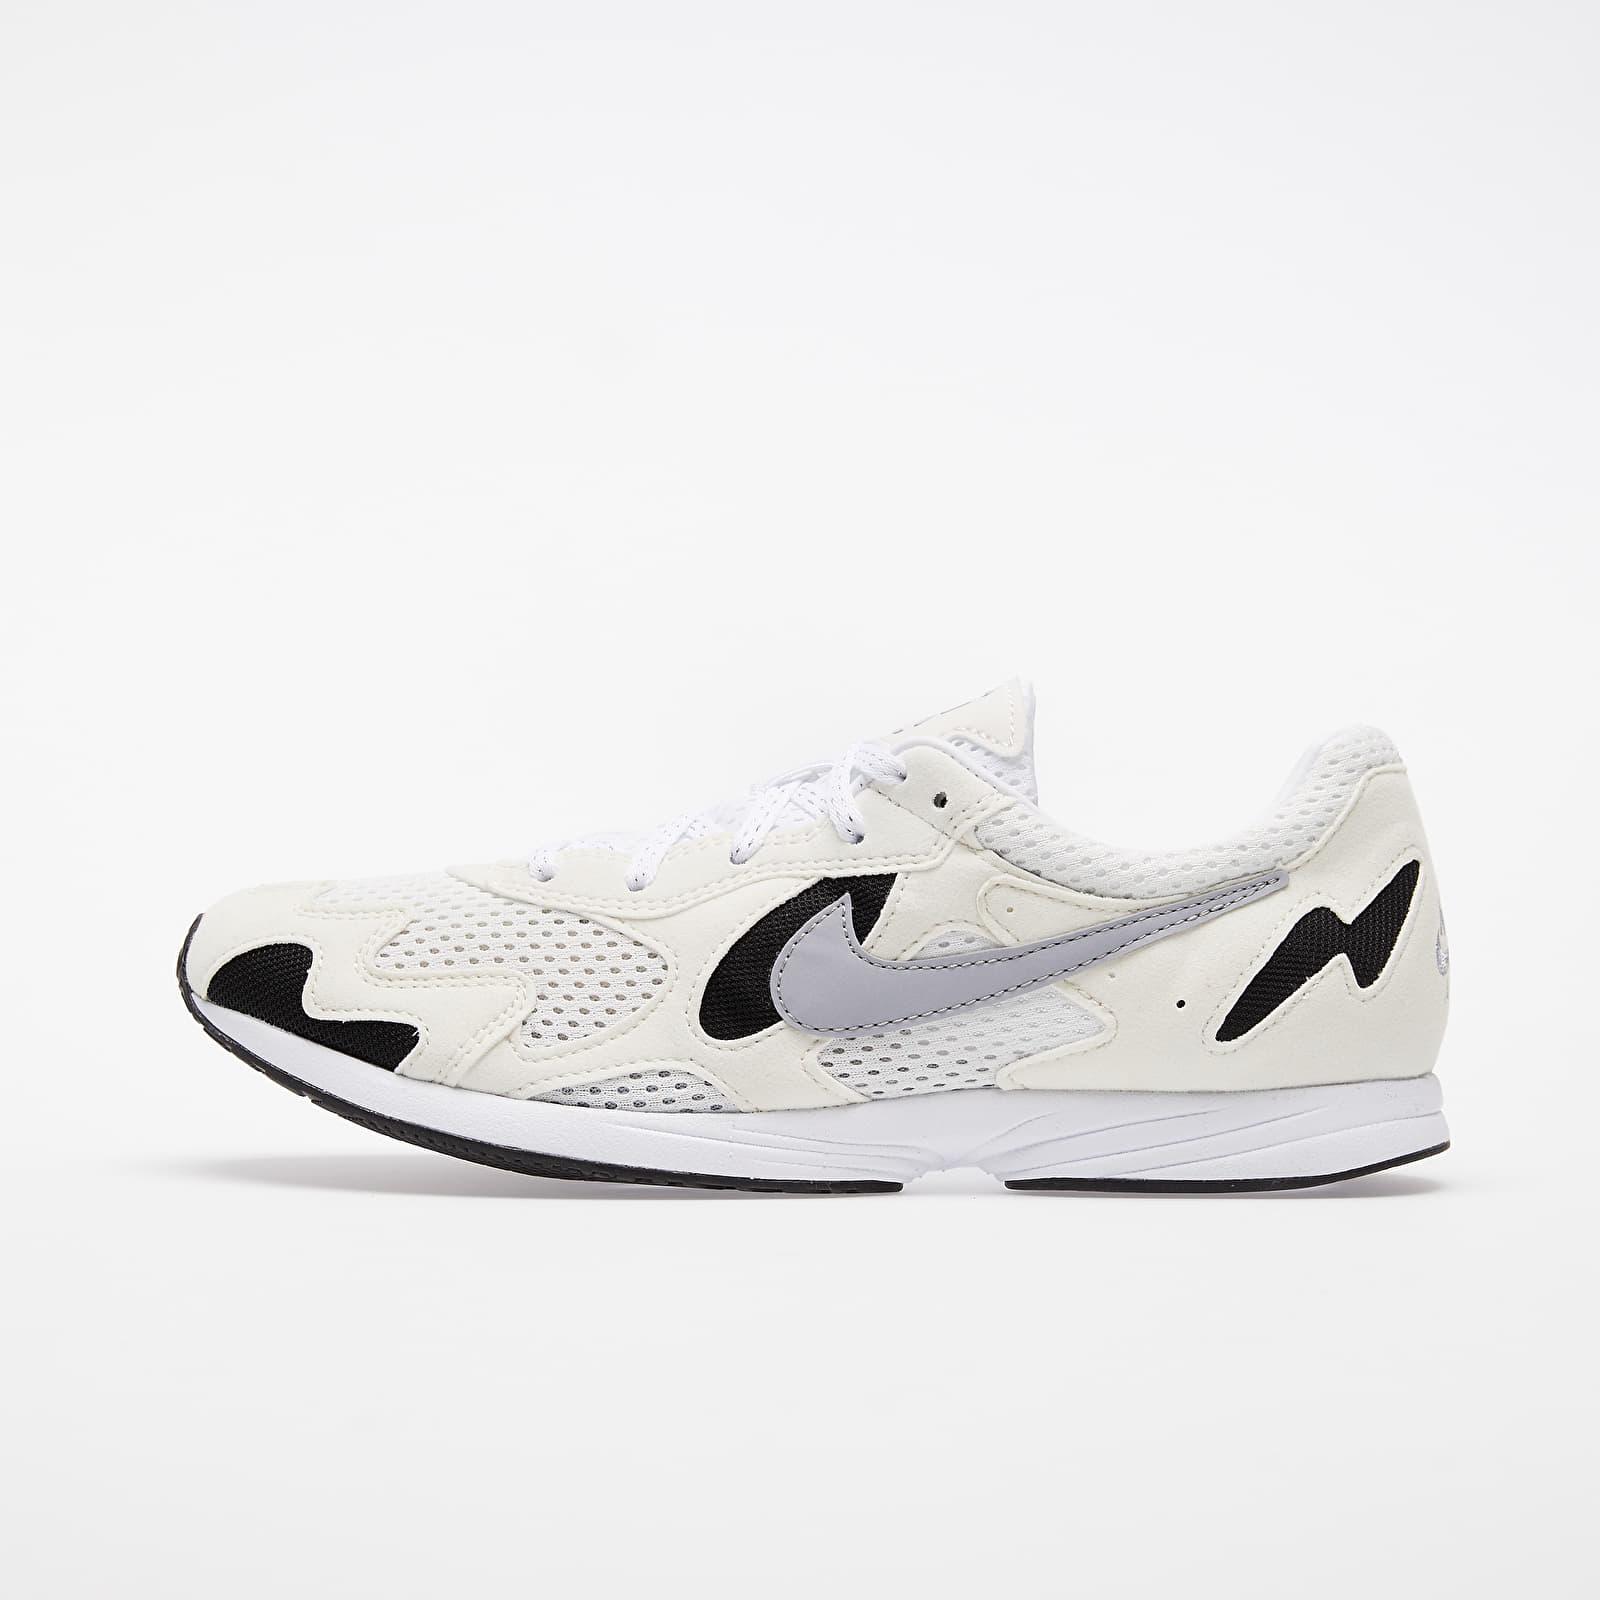 Chaussures et baskets homme Nike Air Streak Lite Sail/ Wolf Grey-Black-Summit White